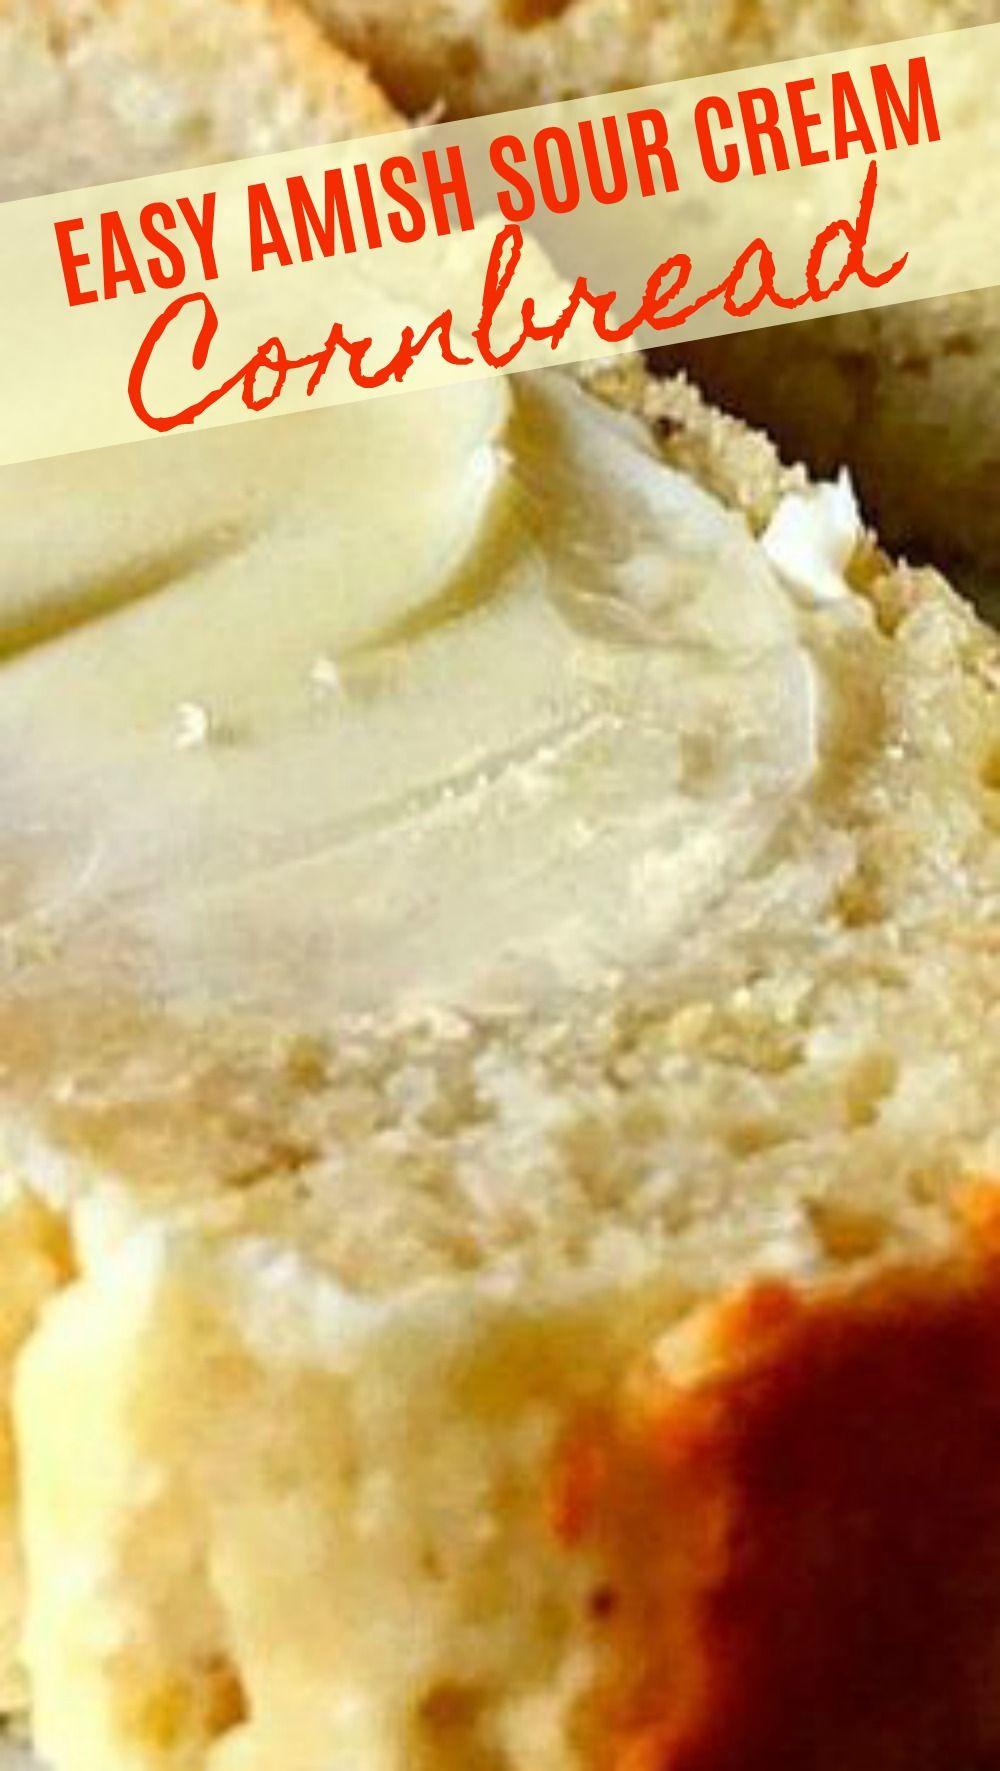 Easy Amish Sour Cream Cornbread In 2020 Best Cornbread Recipe Sour Cream Cornbread Delicious Cornbread